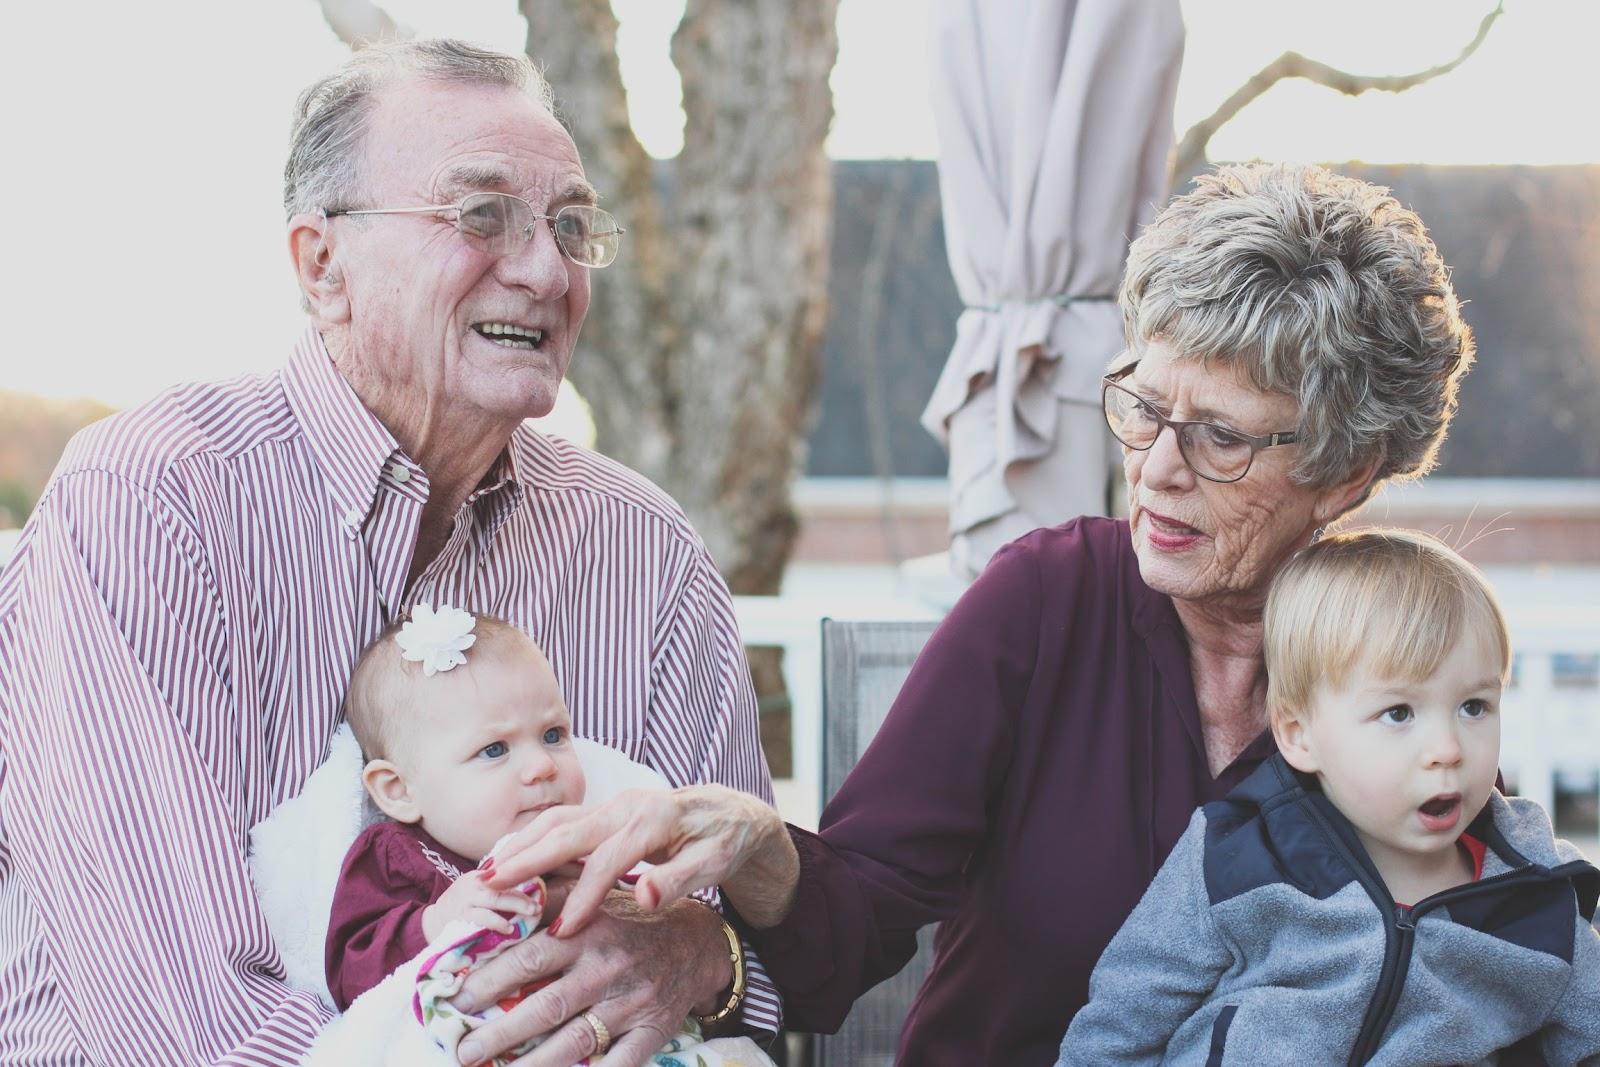 O ambiente acessível para os idosos possibilita mais vida e diversidade no meio urbano. (Fonte: Pexels)